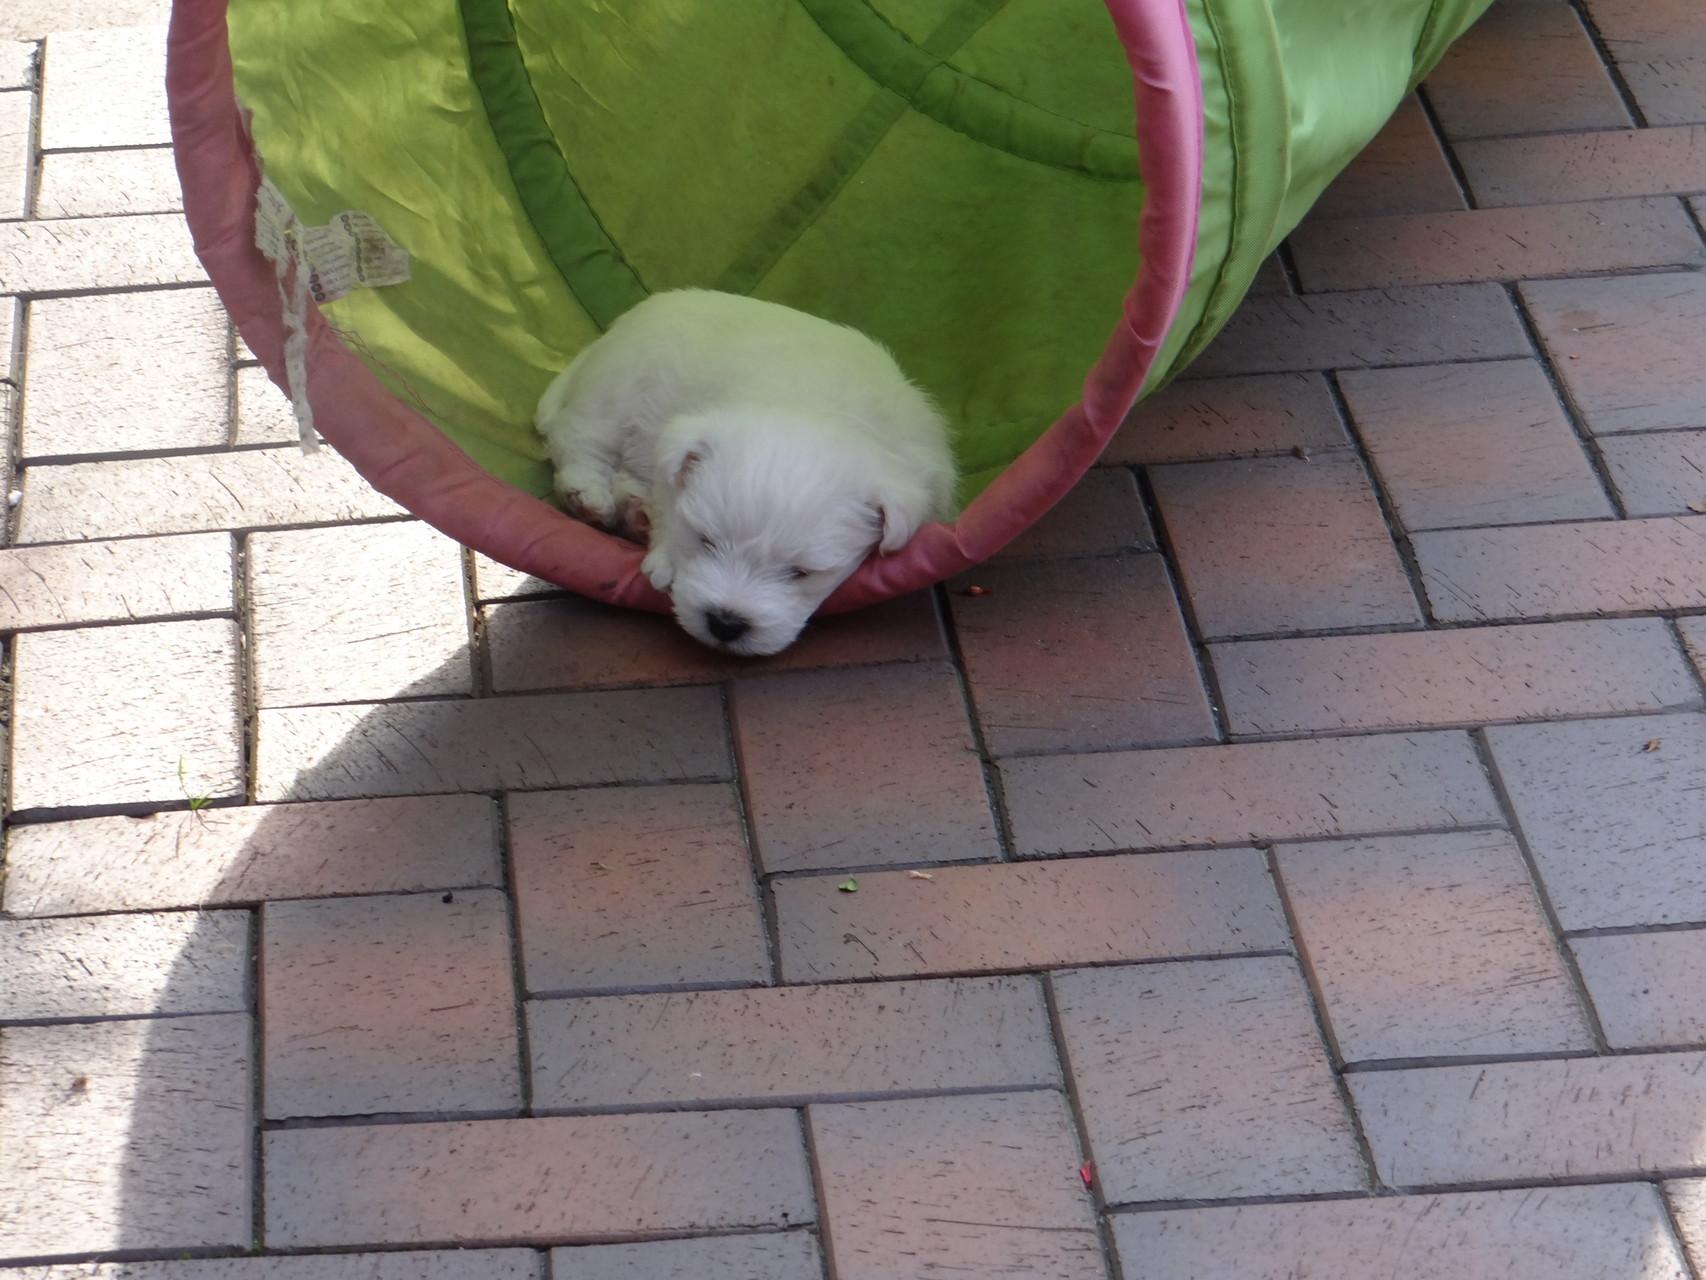 Bin ja so müde